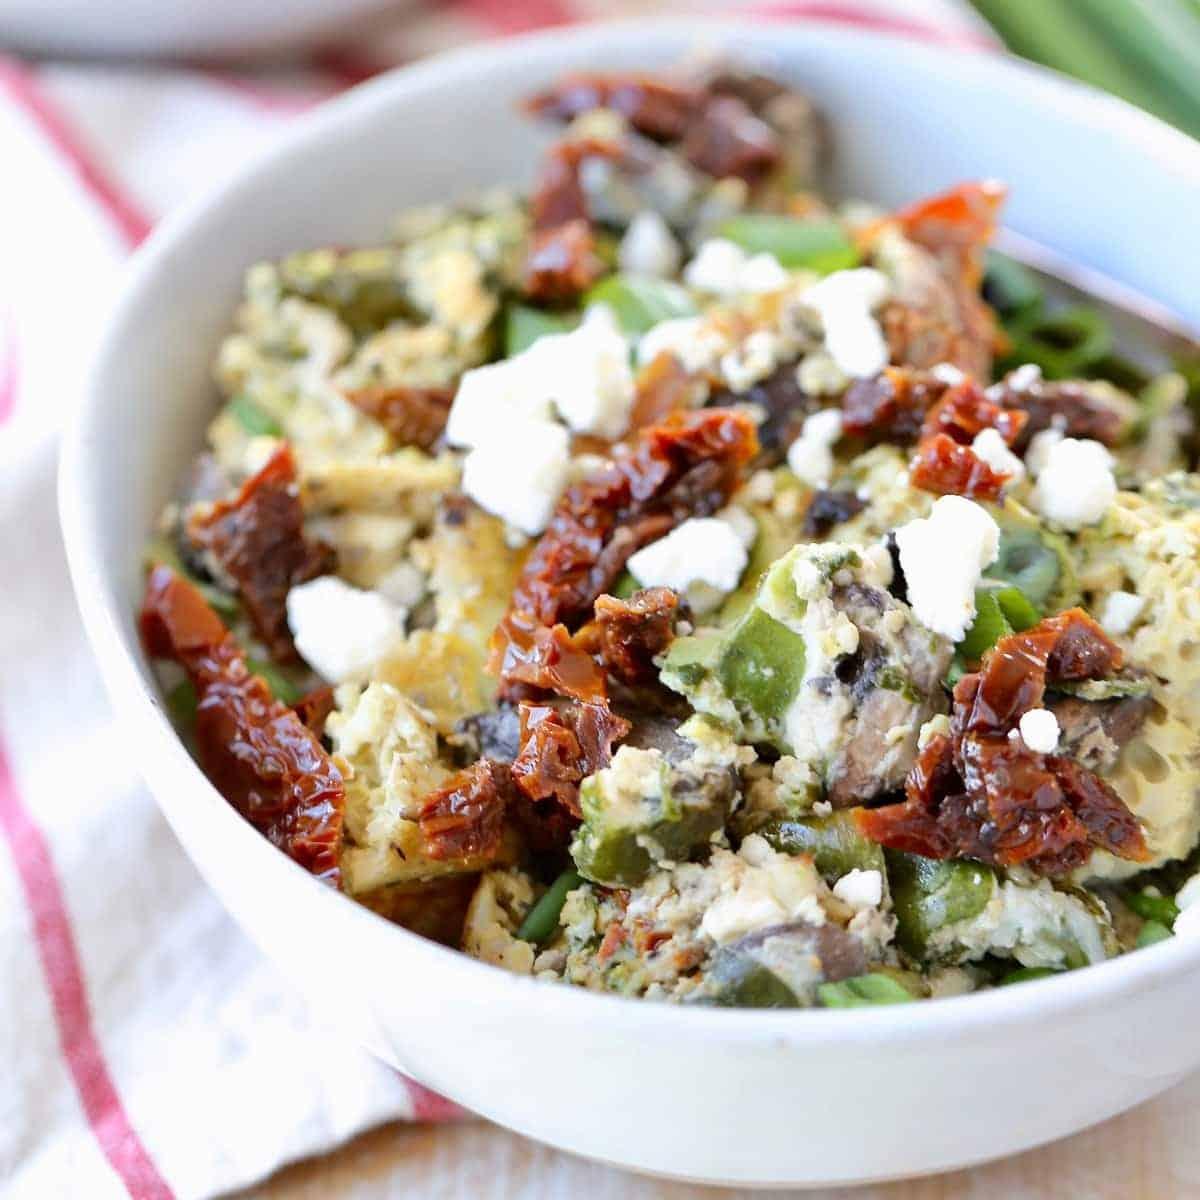 Crockpot Breakfast Casserole Vegetarian Gluten Free Recipe